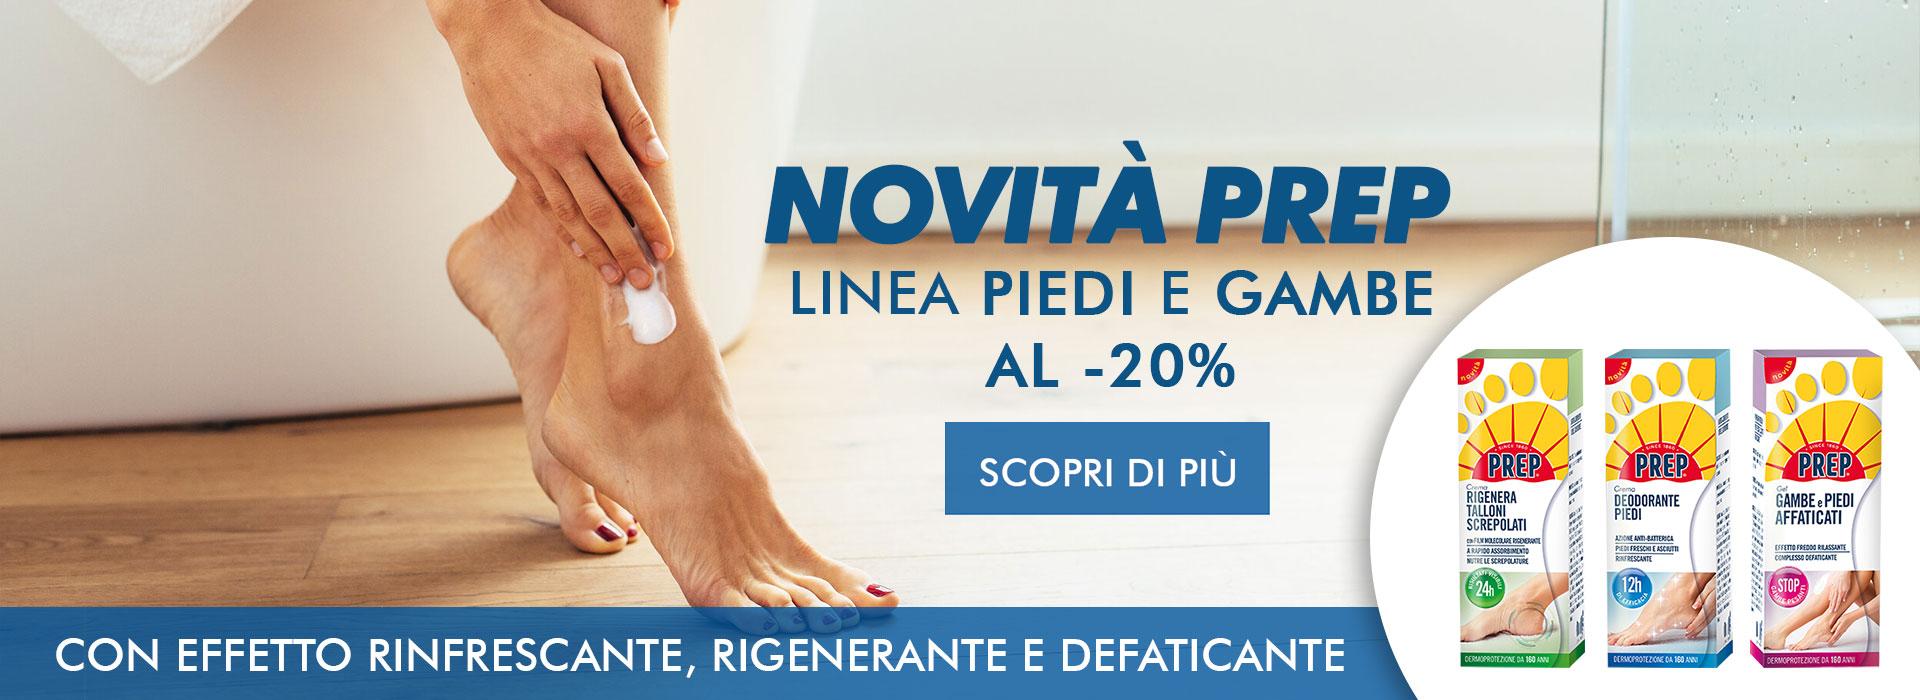 Prep Linea Piedi e Gambe -20%